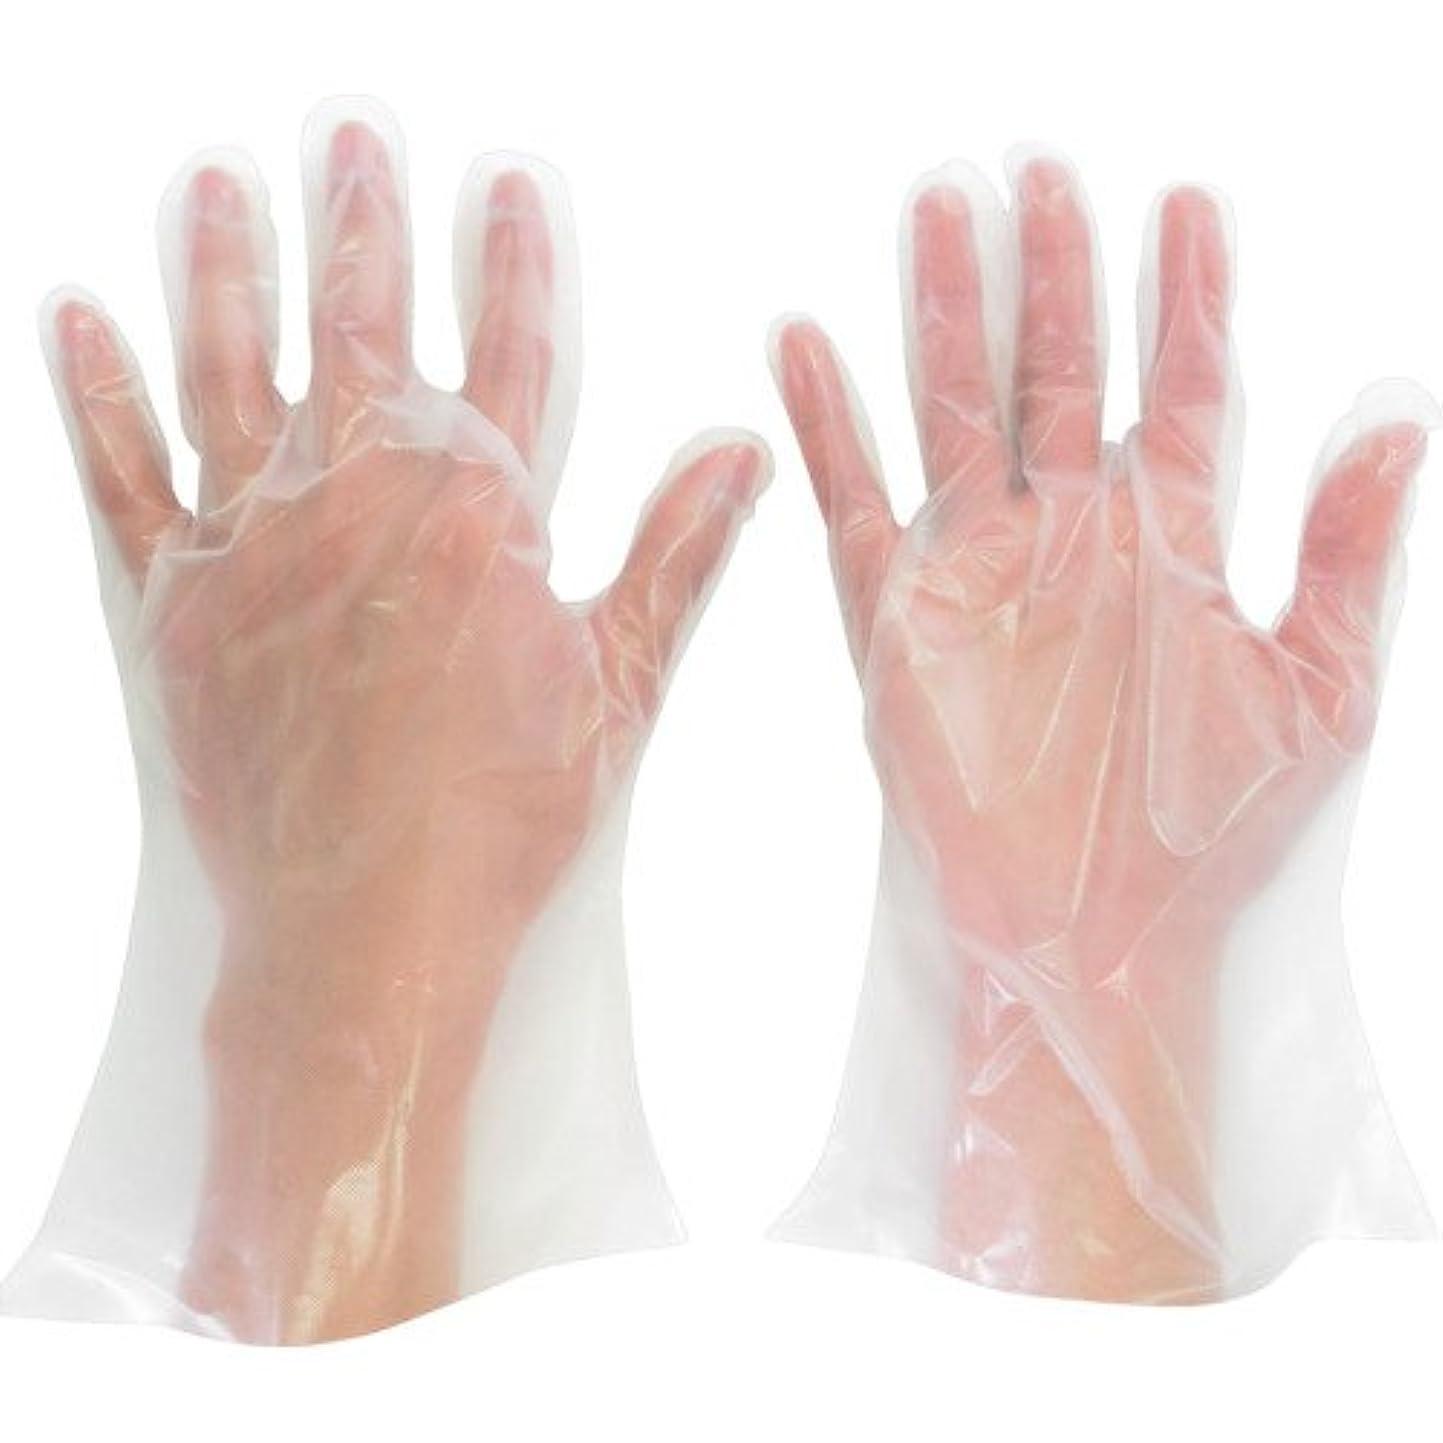 教育者効果的アパートミドリ安全 ポリエチレン使い捨て手袋 厚手 外エンボス 200枚入 M VERTE565NM